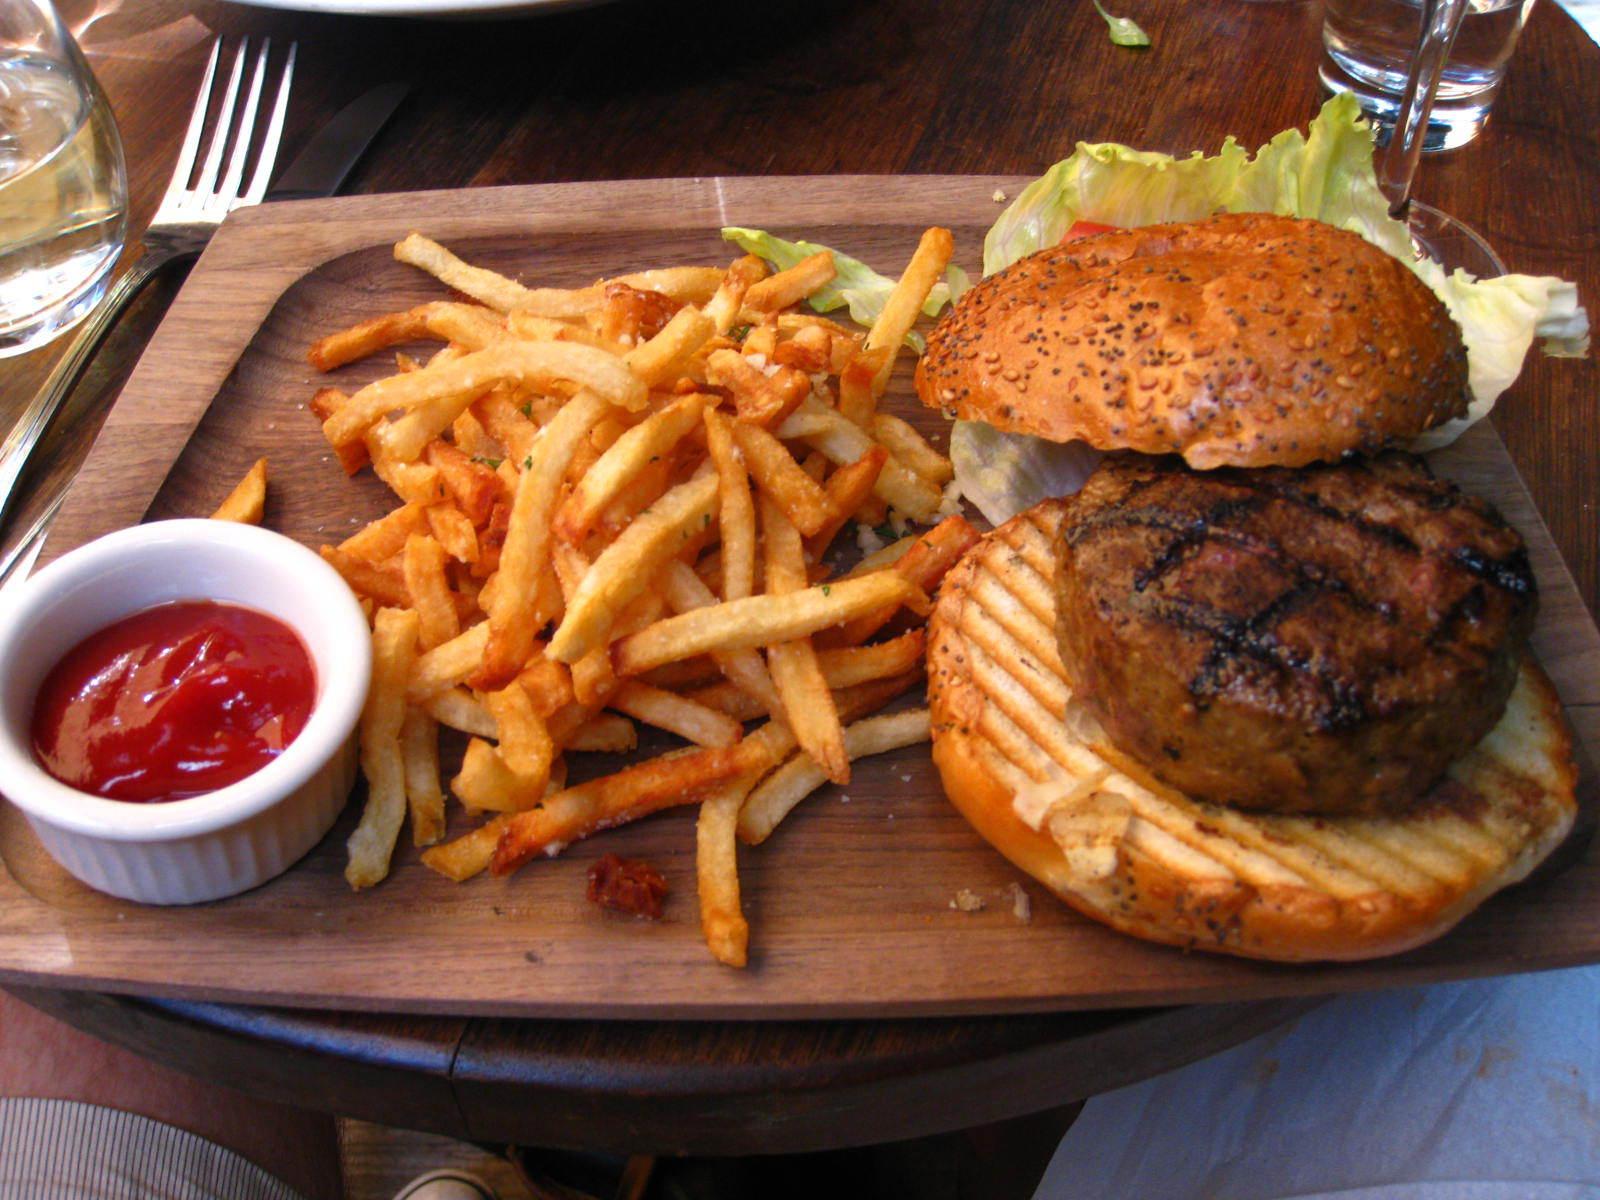 hamburger and fries wallpaper - photo #4